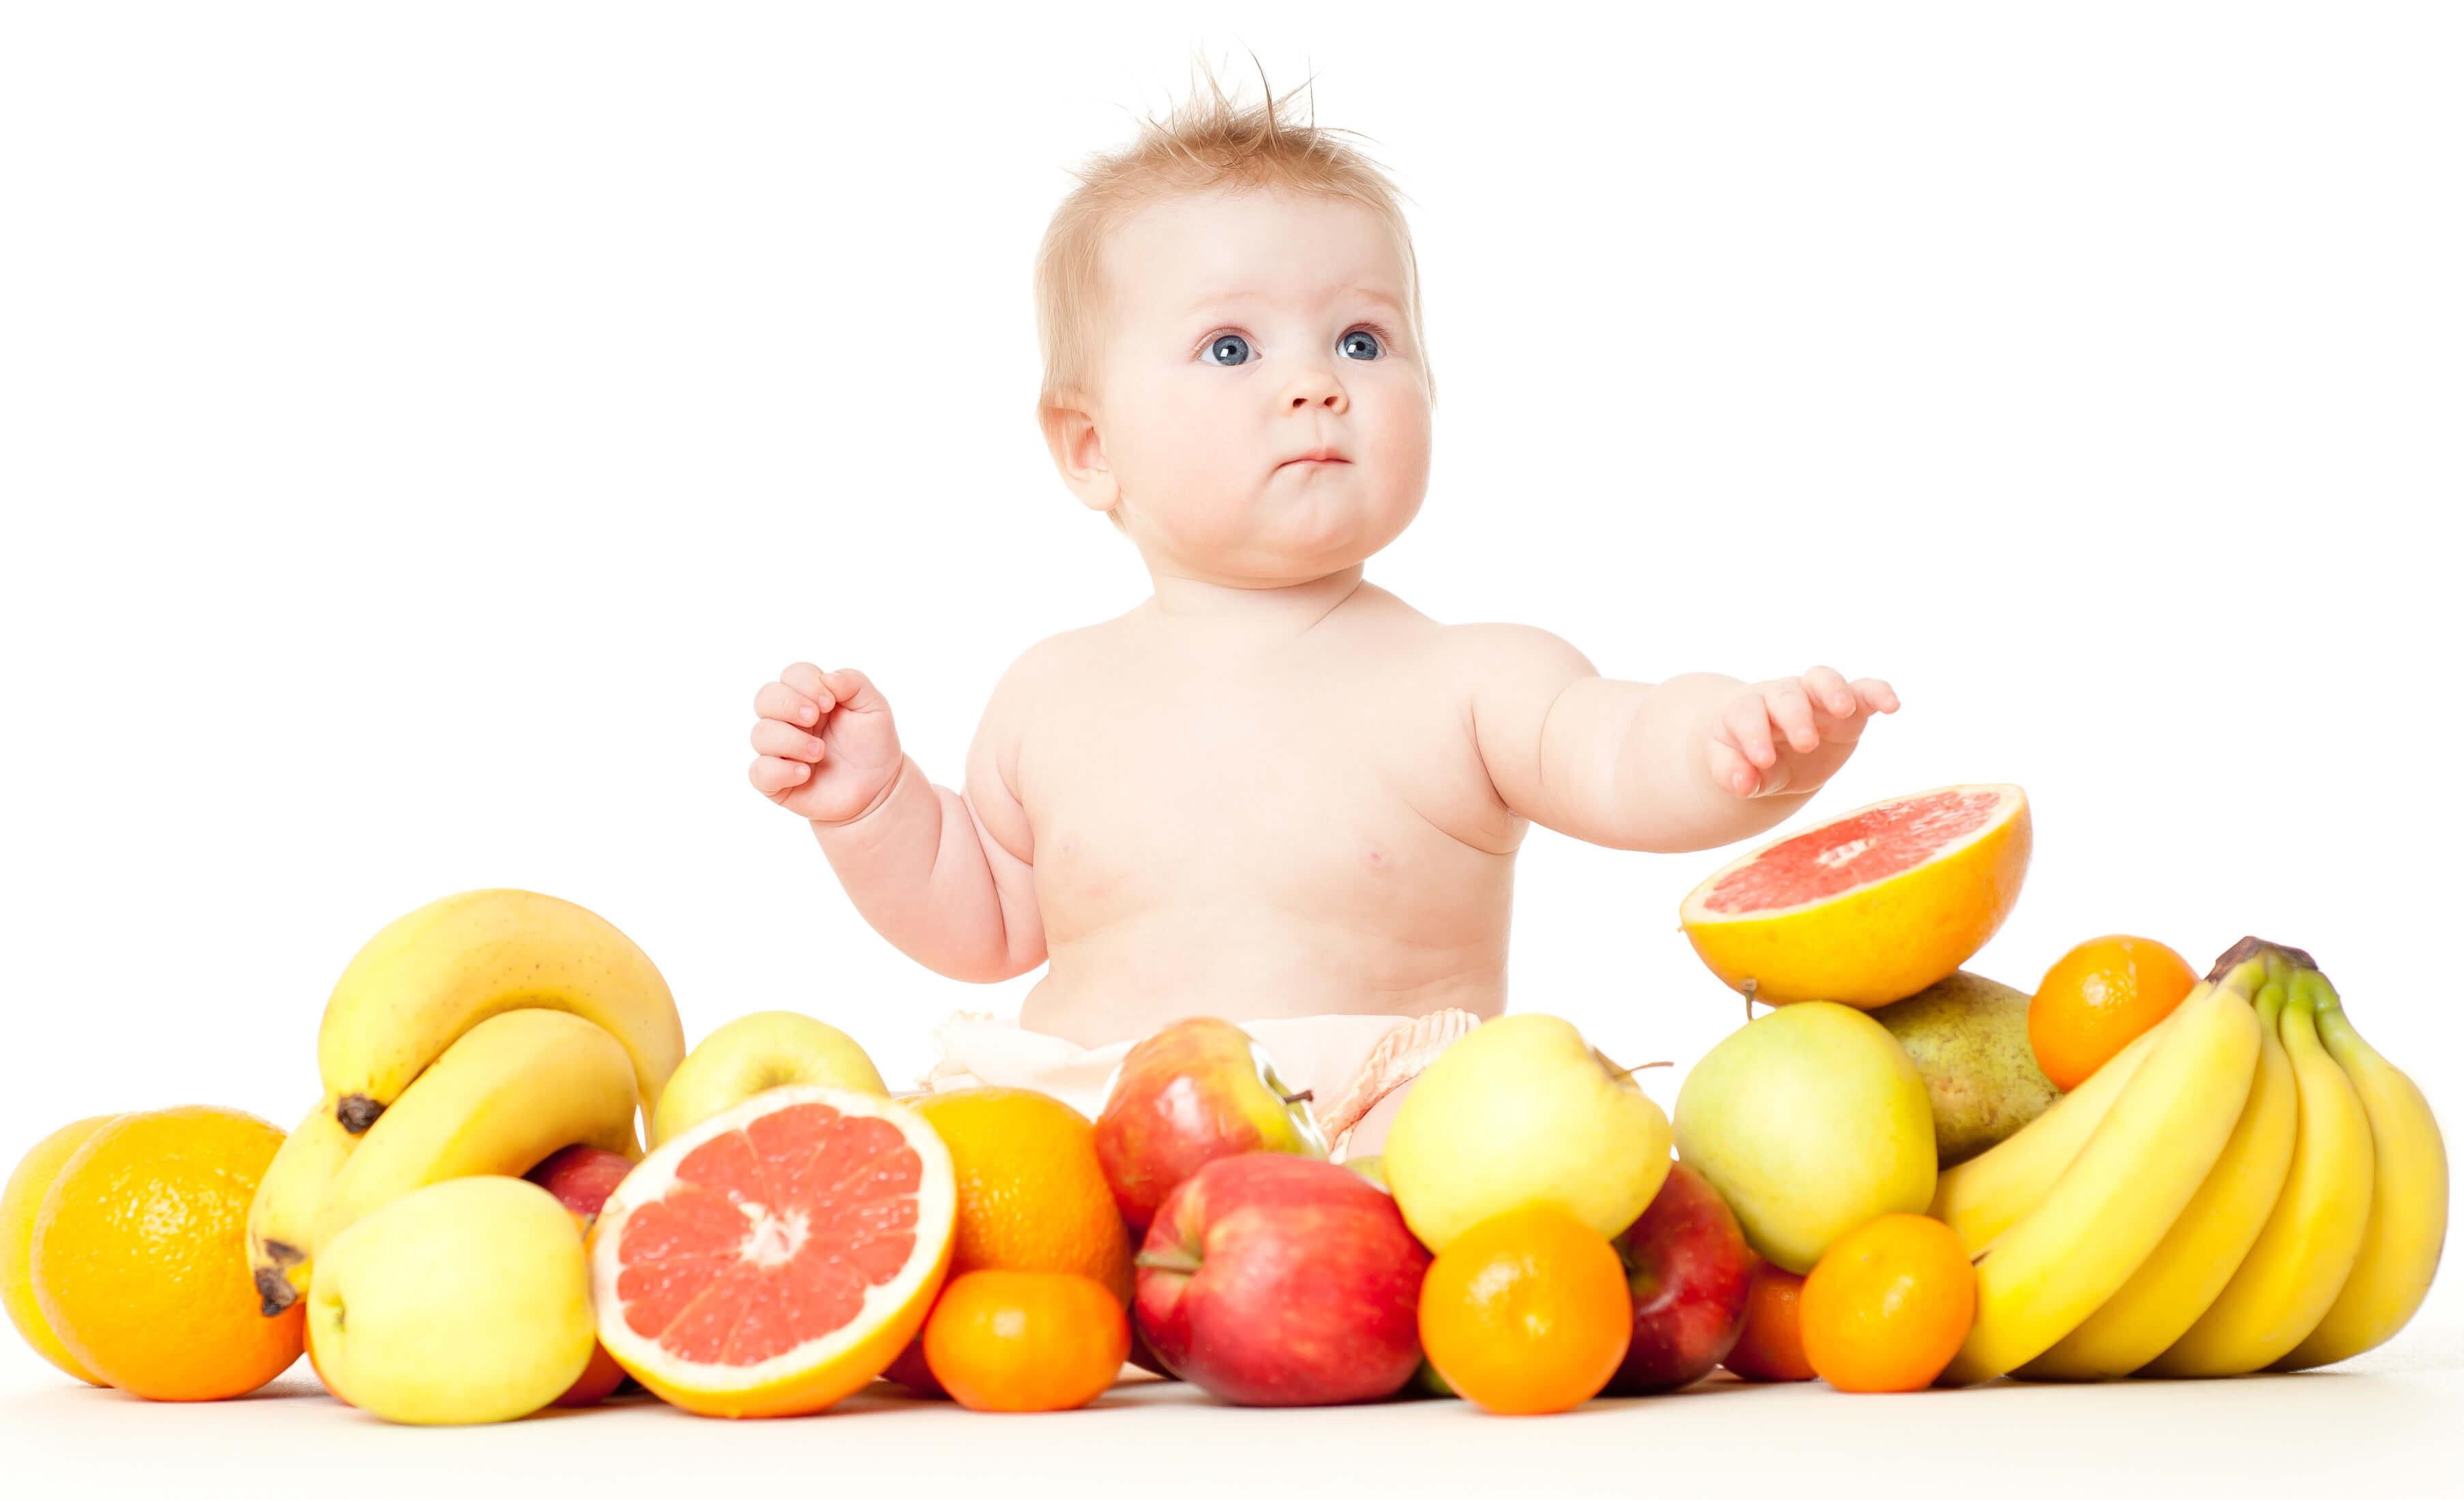 اندازه معده نوزادان و حجم غذایی که لازم دارند +اینفوگرافیک